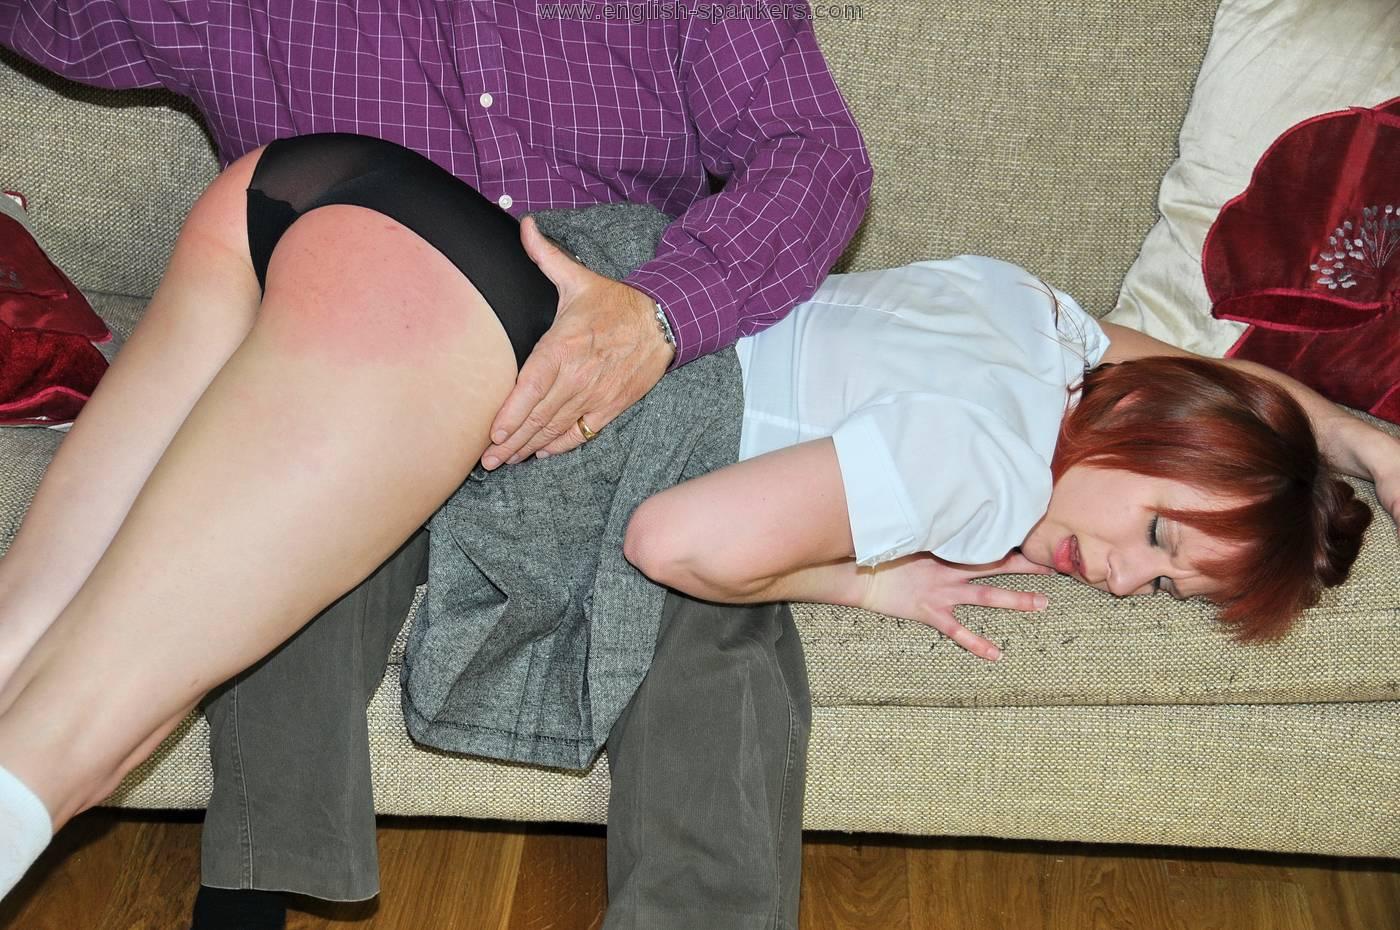 Spanking english bare bottom 1 6